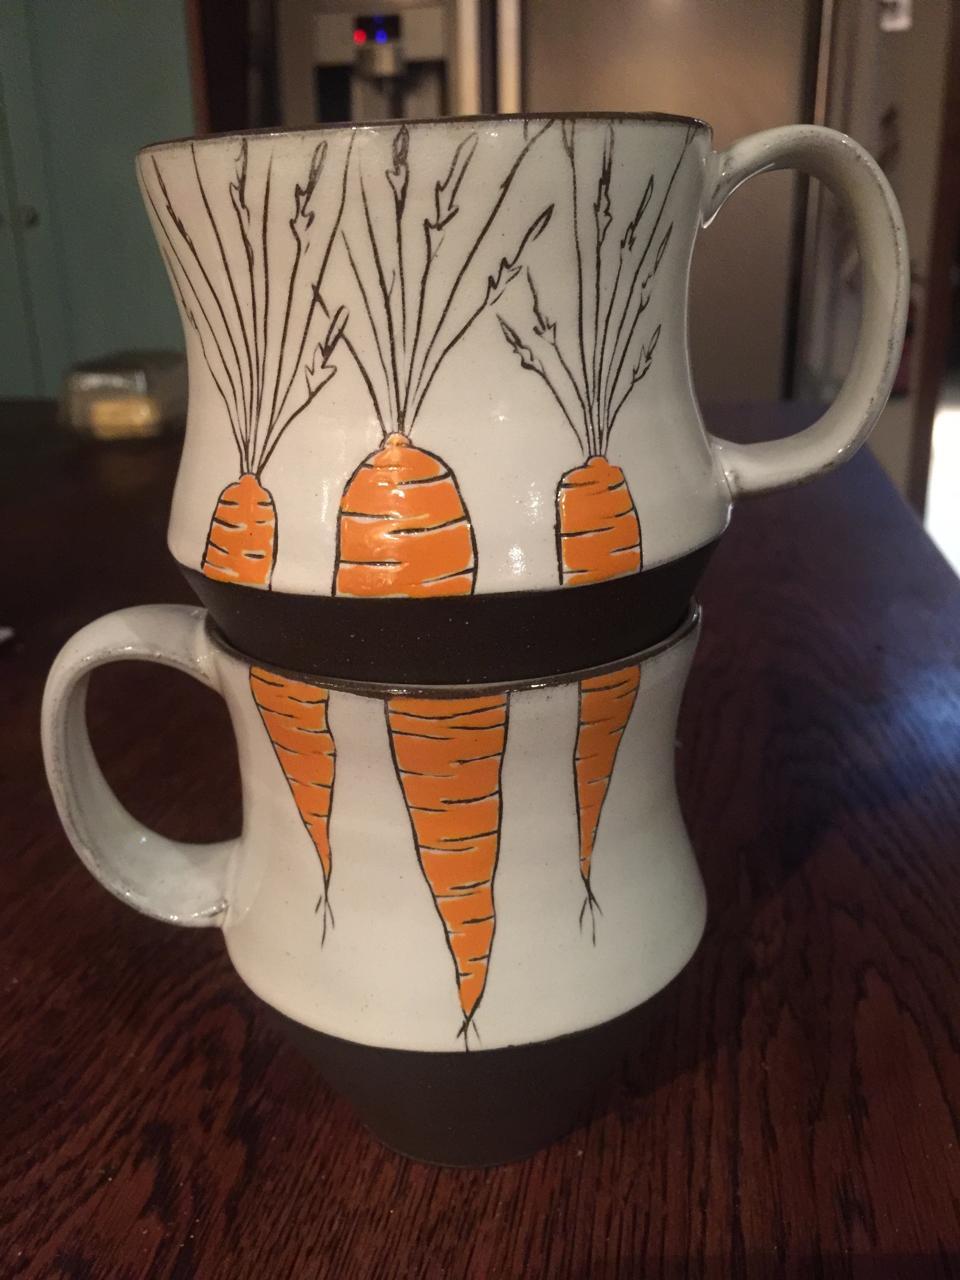 2 stacked mugs